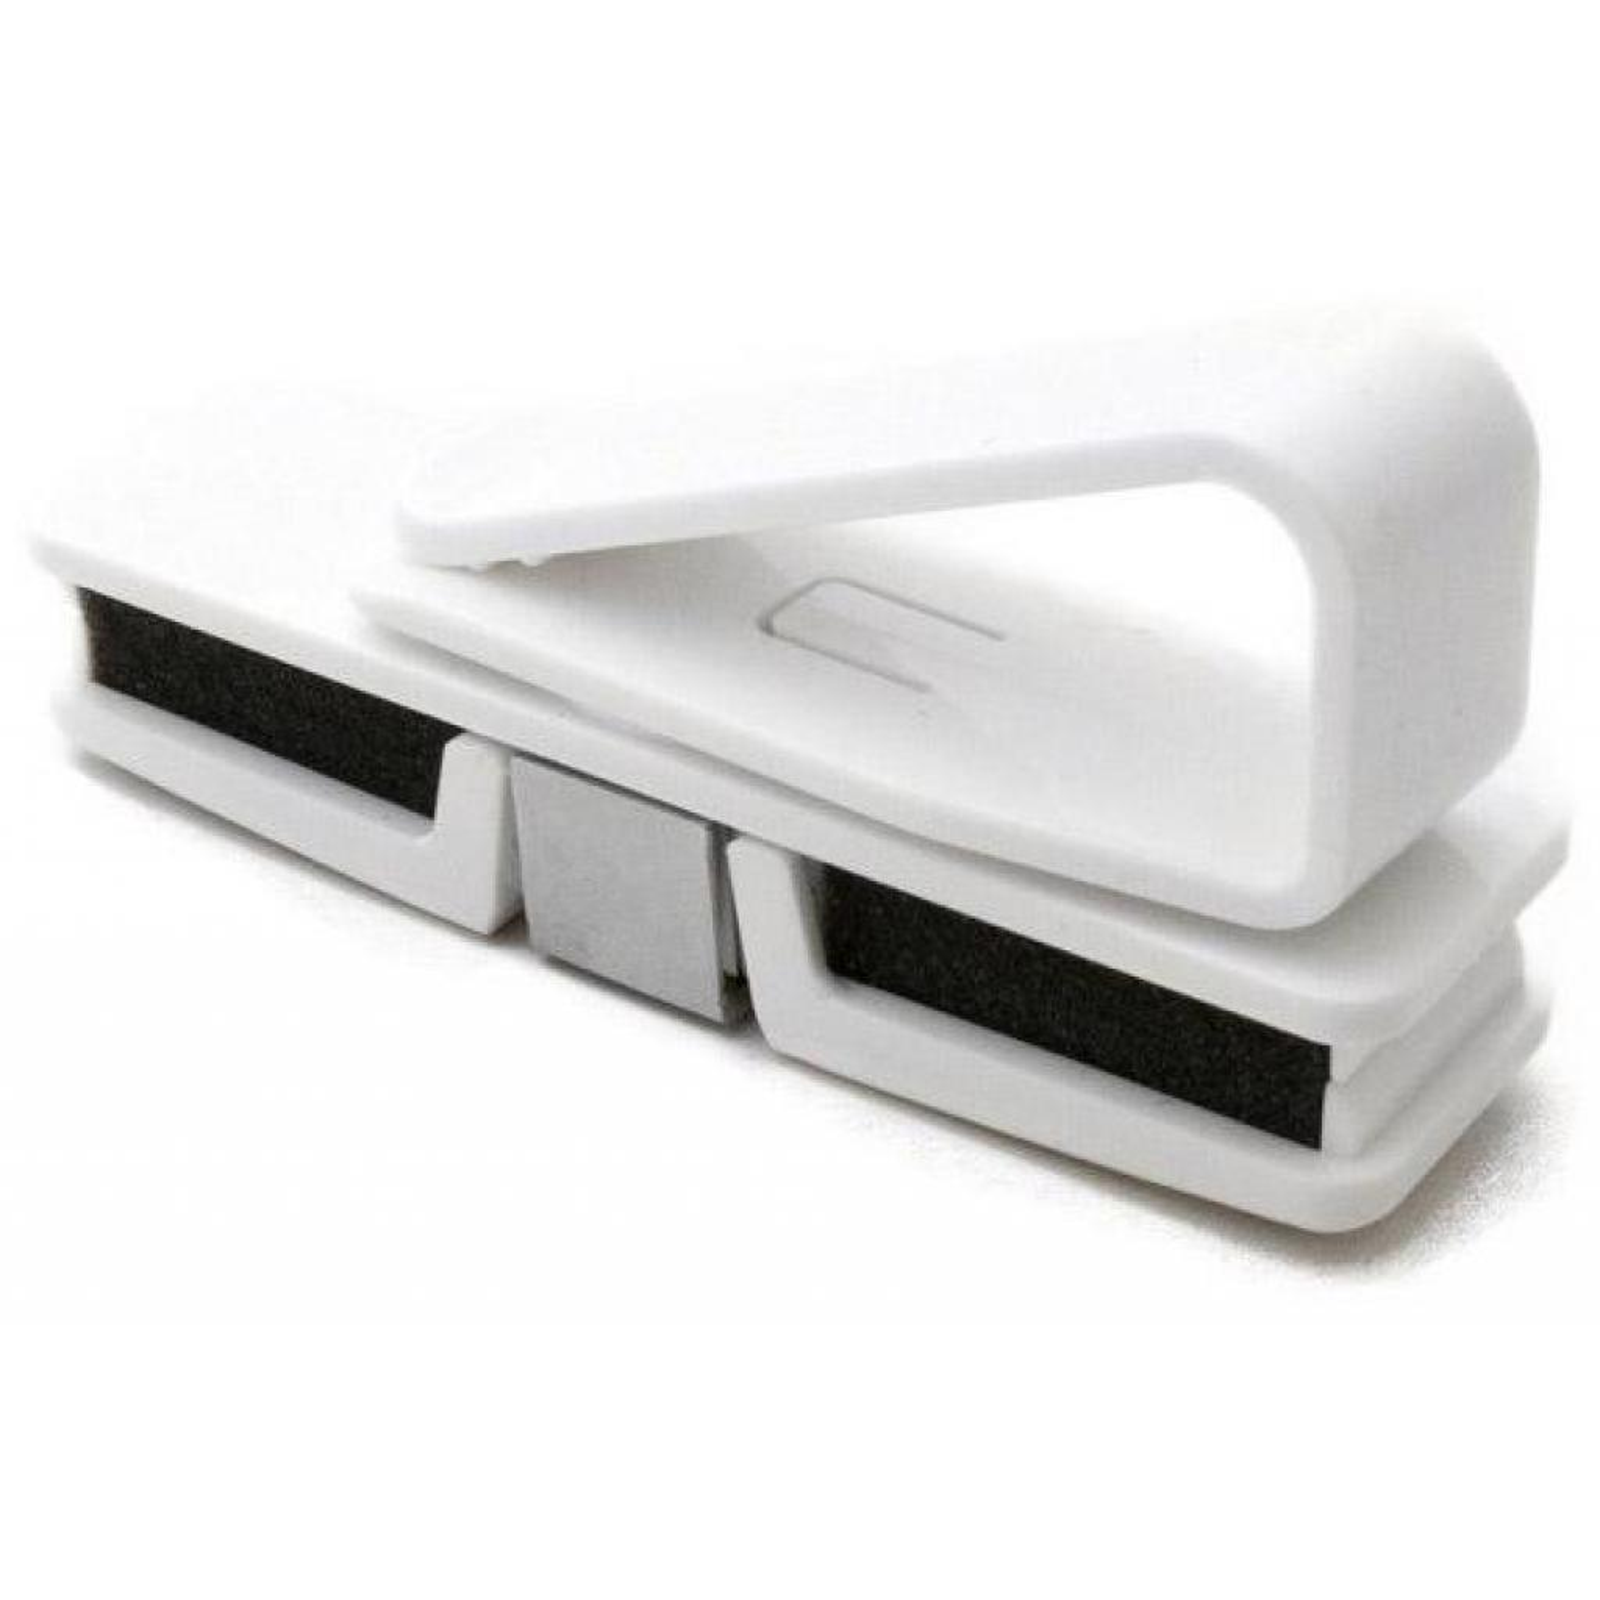 Универсальный автодержатель EXTRADIGITAL для очков Glasses Holder White (CGH4121) изображение 4